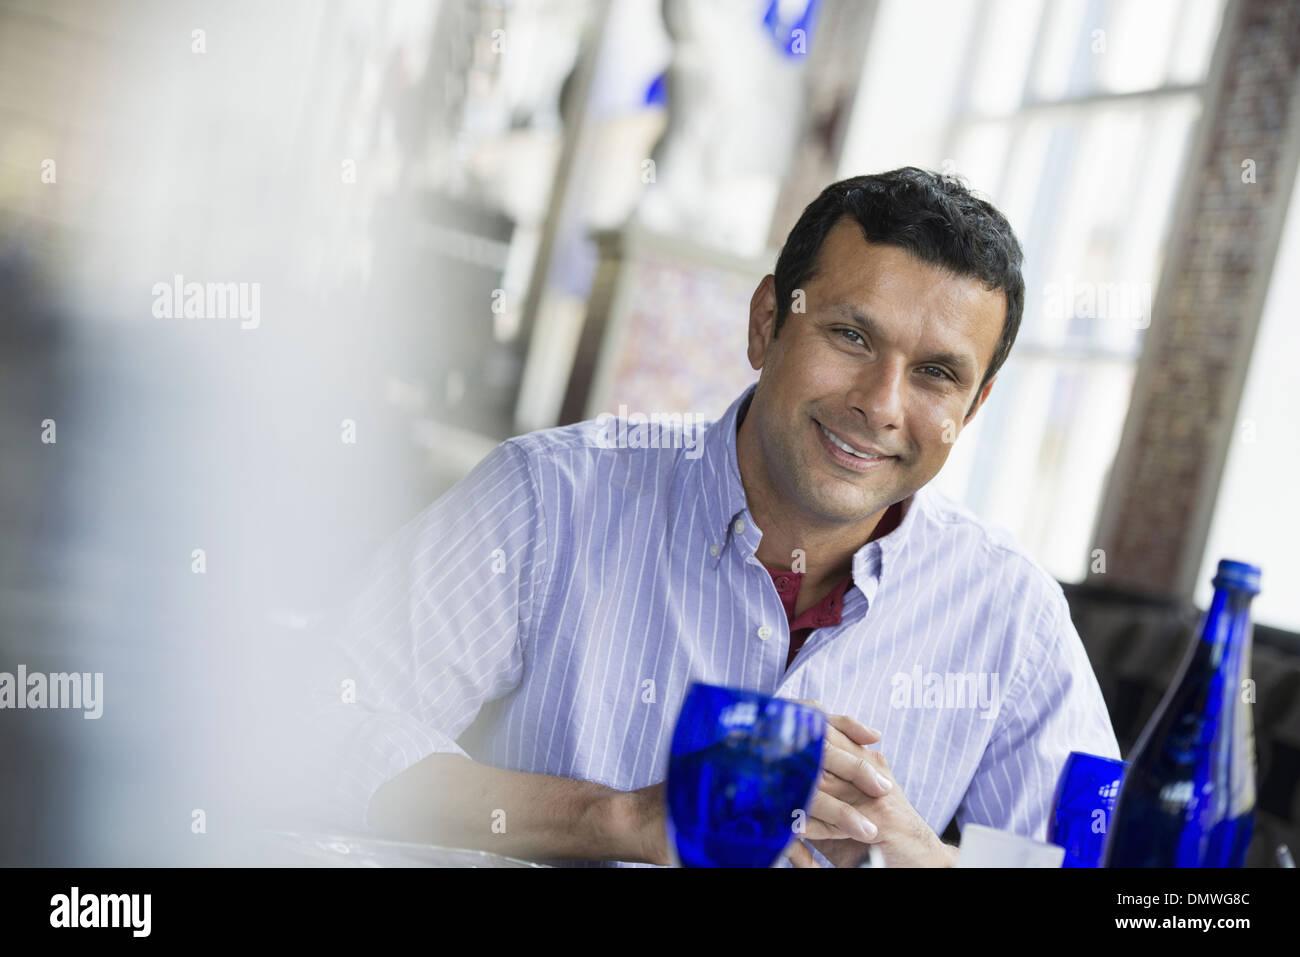 L'intérieur d'un café. Un homme assis à une table. Banque D'Images